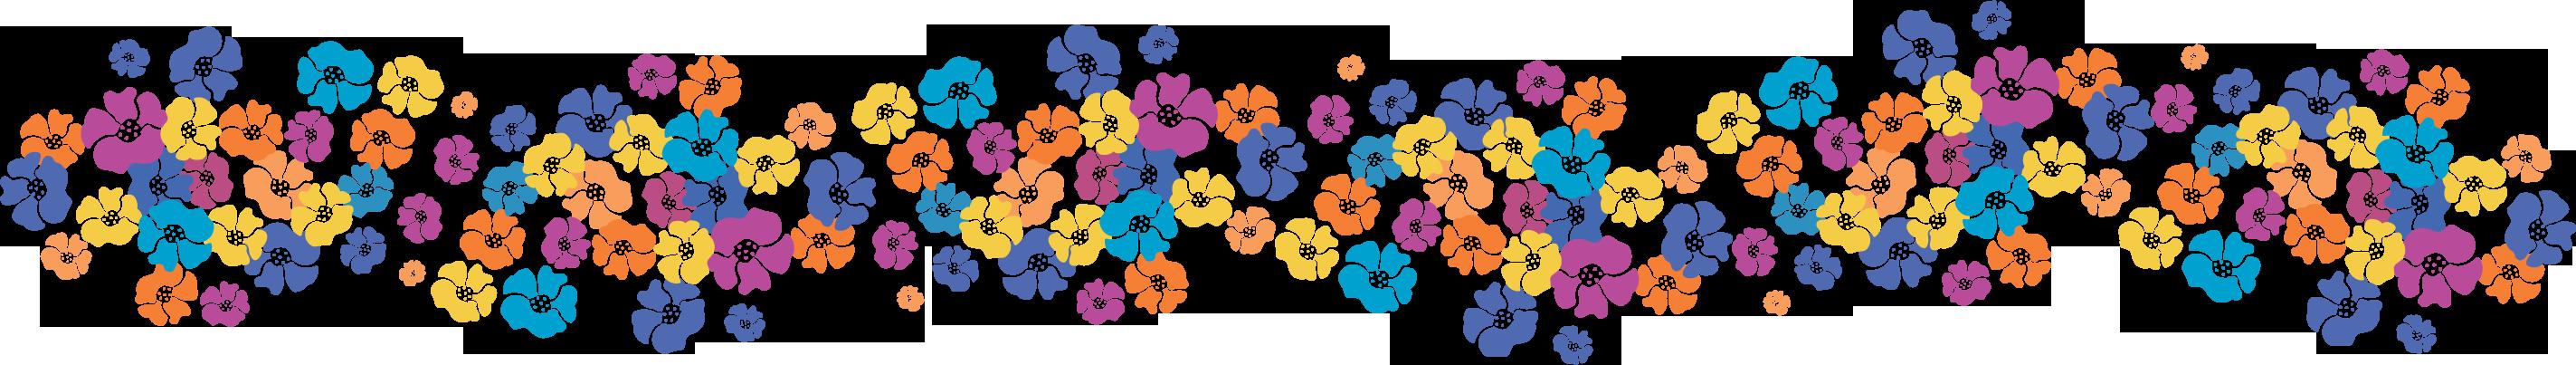 ポップでかわいい花のイラスト・フリー素材/no.318『カラフルボーダー』